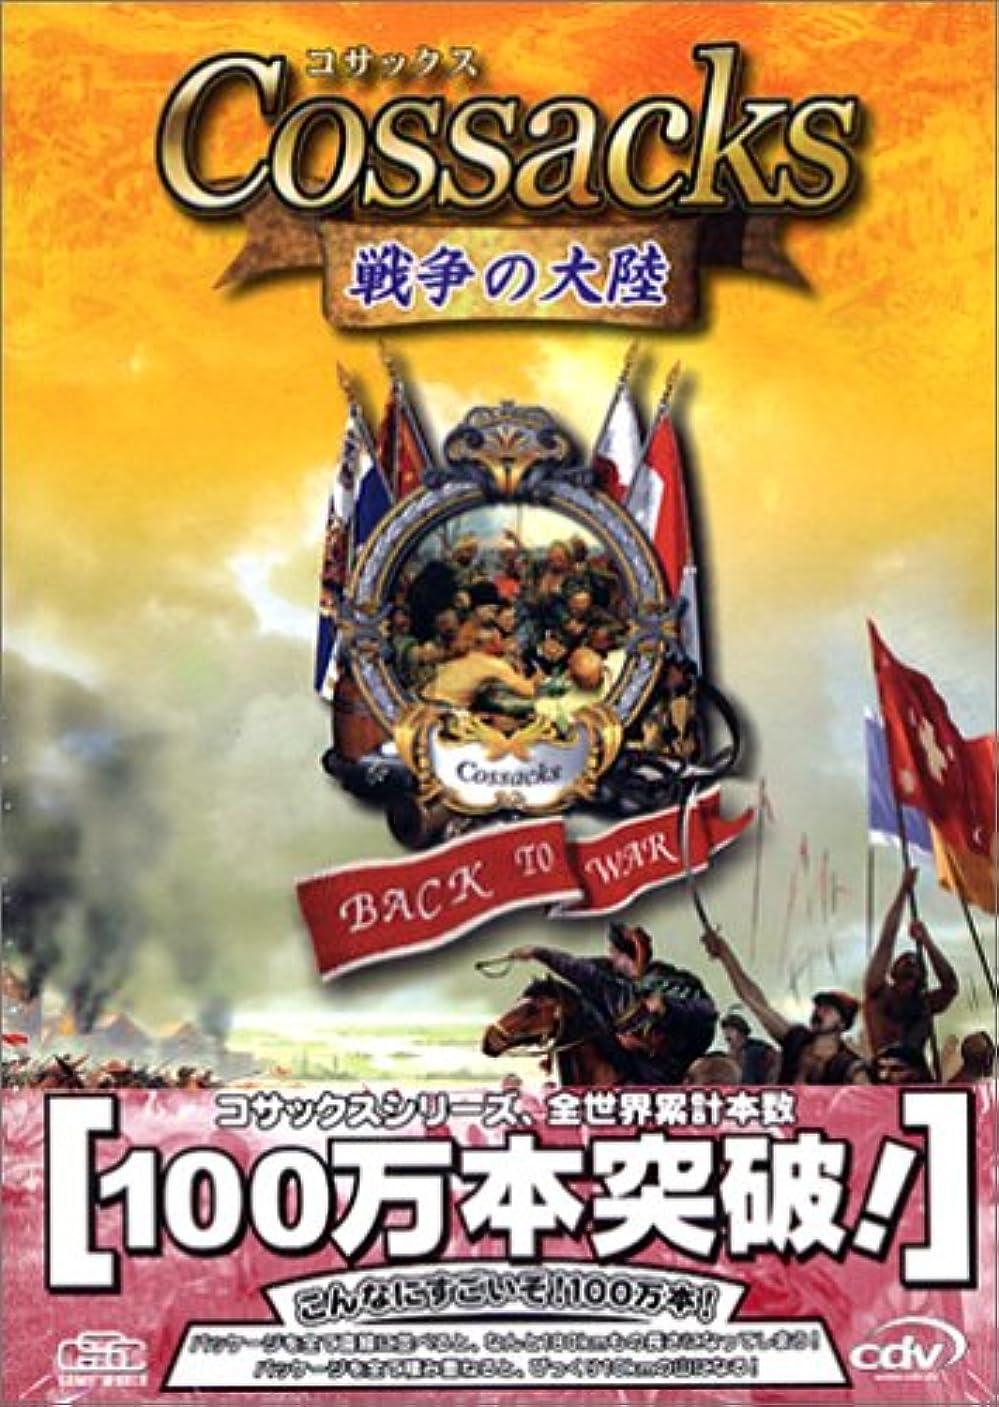 放牧するアプライアンスブラジャーコサックス ~戦争の大陸~ 日本語版